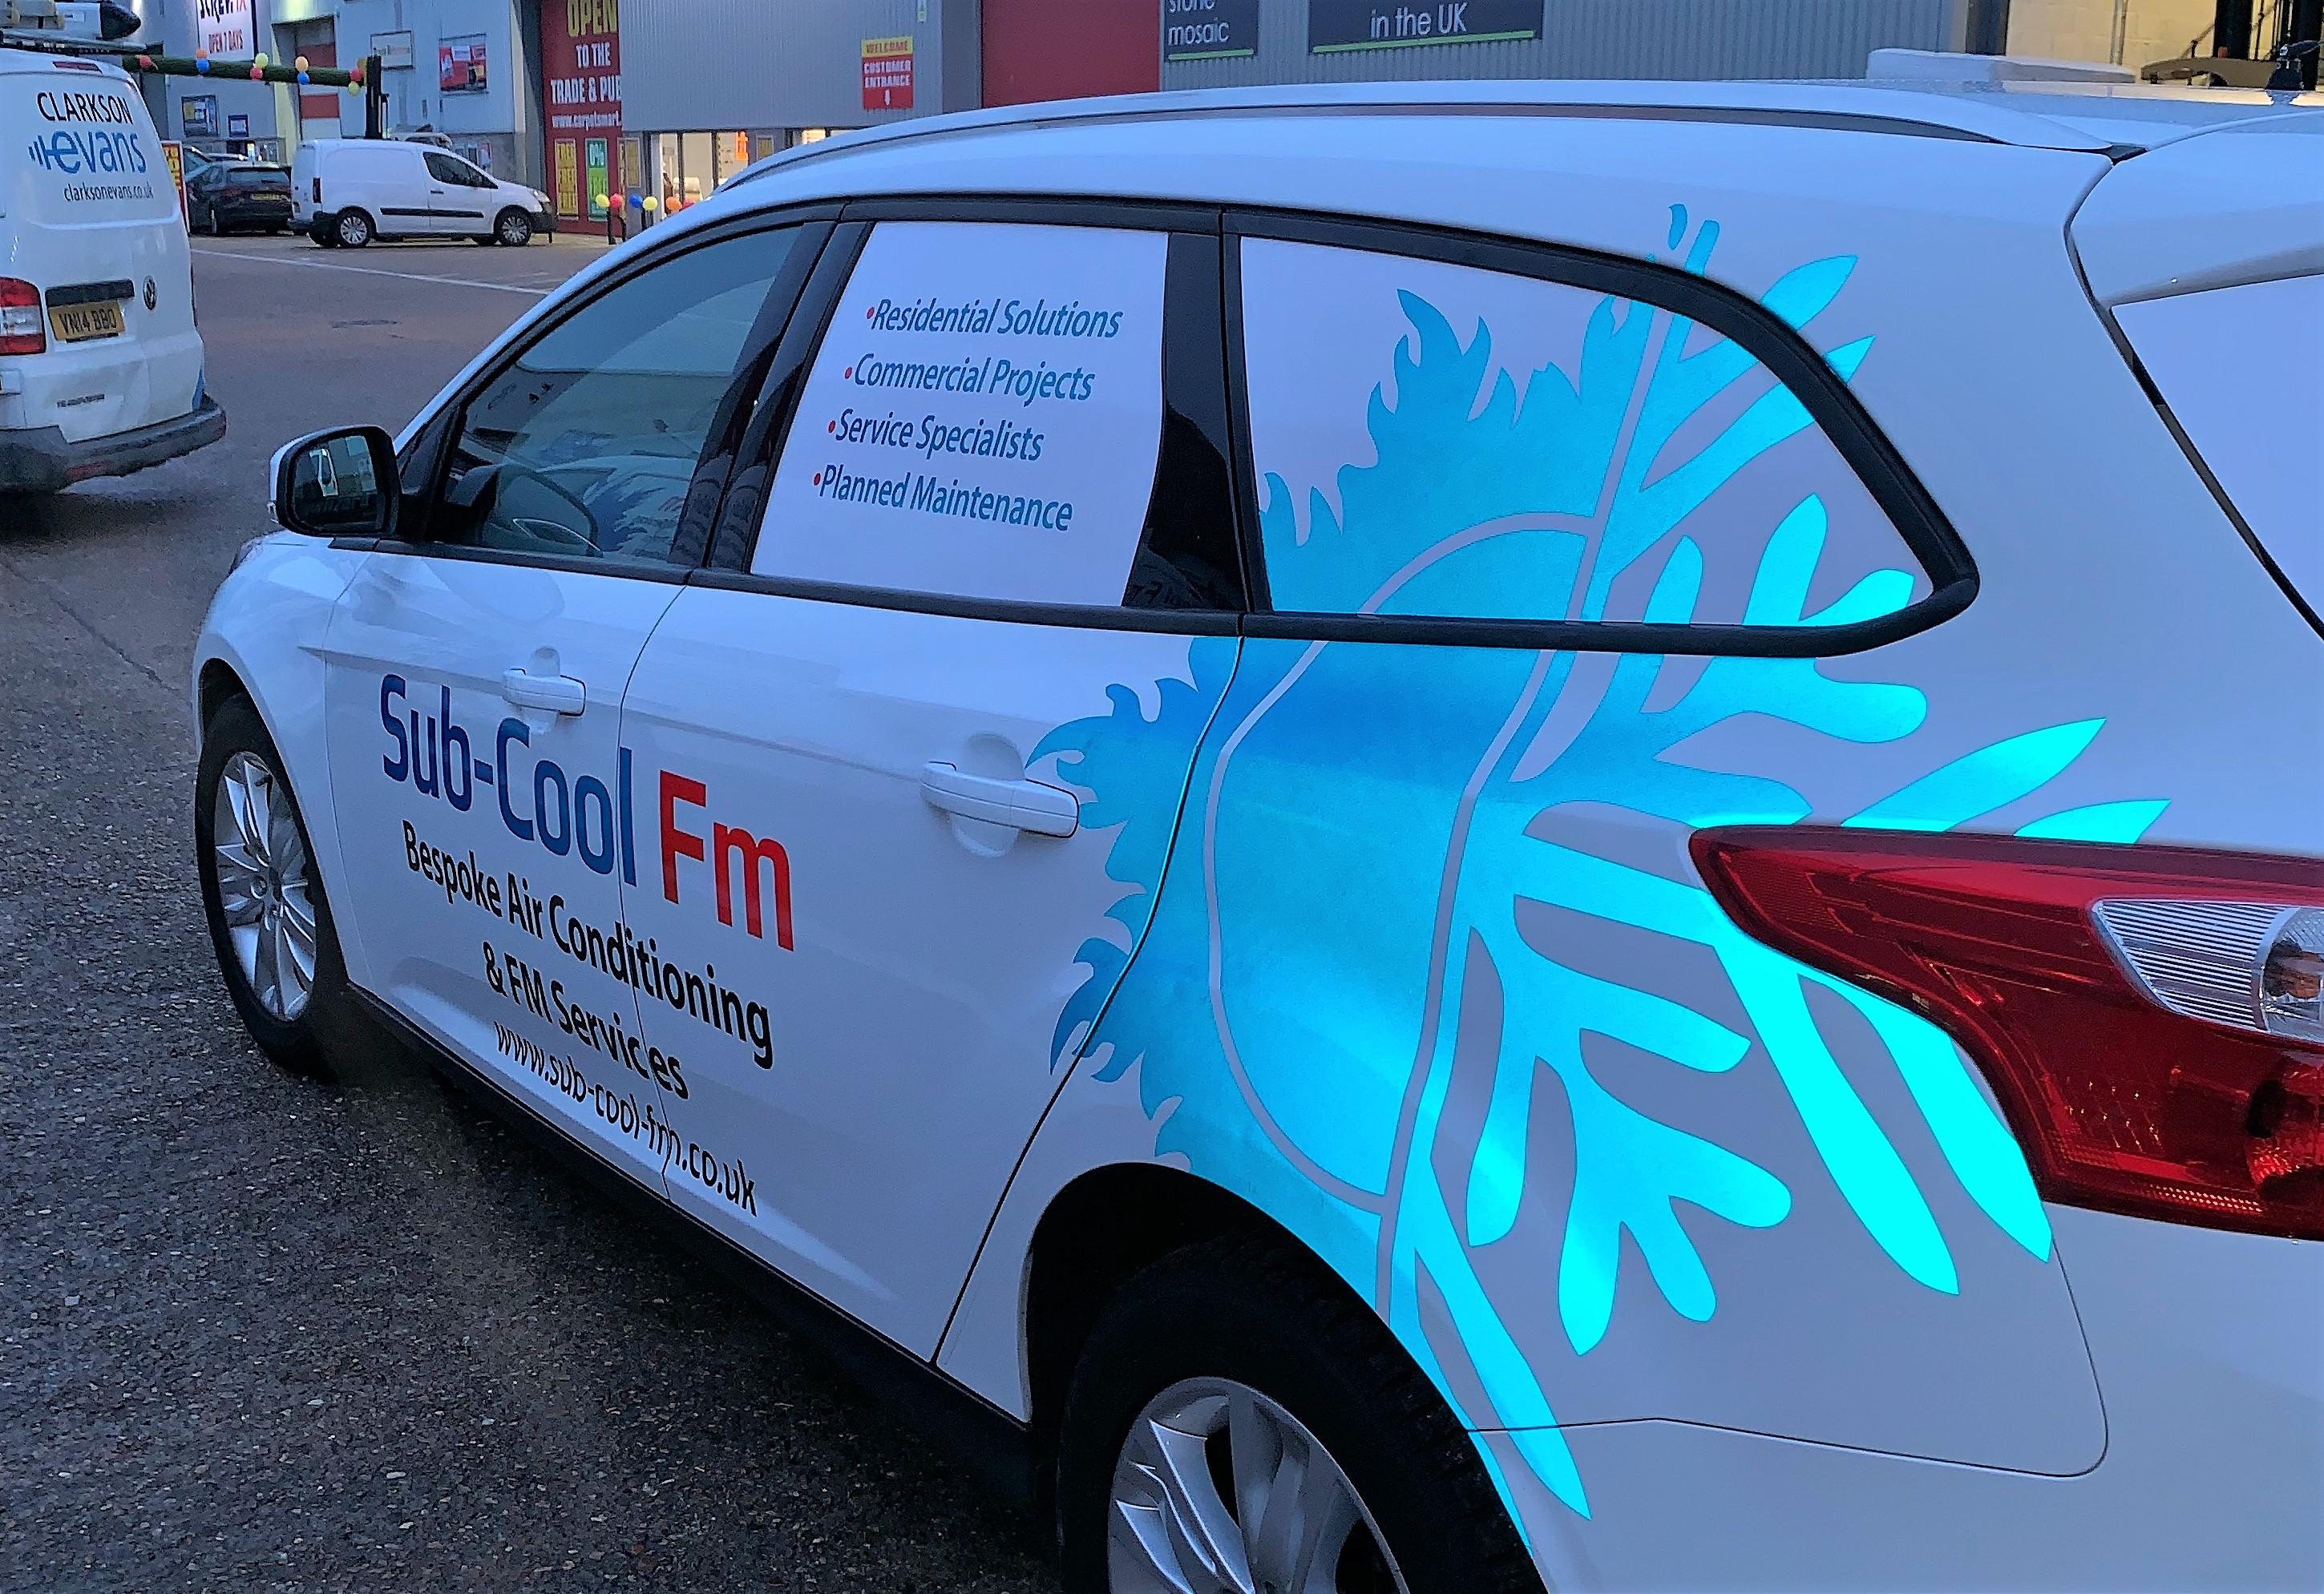 SUB COOL FM